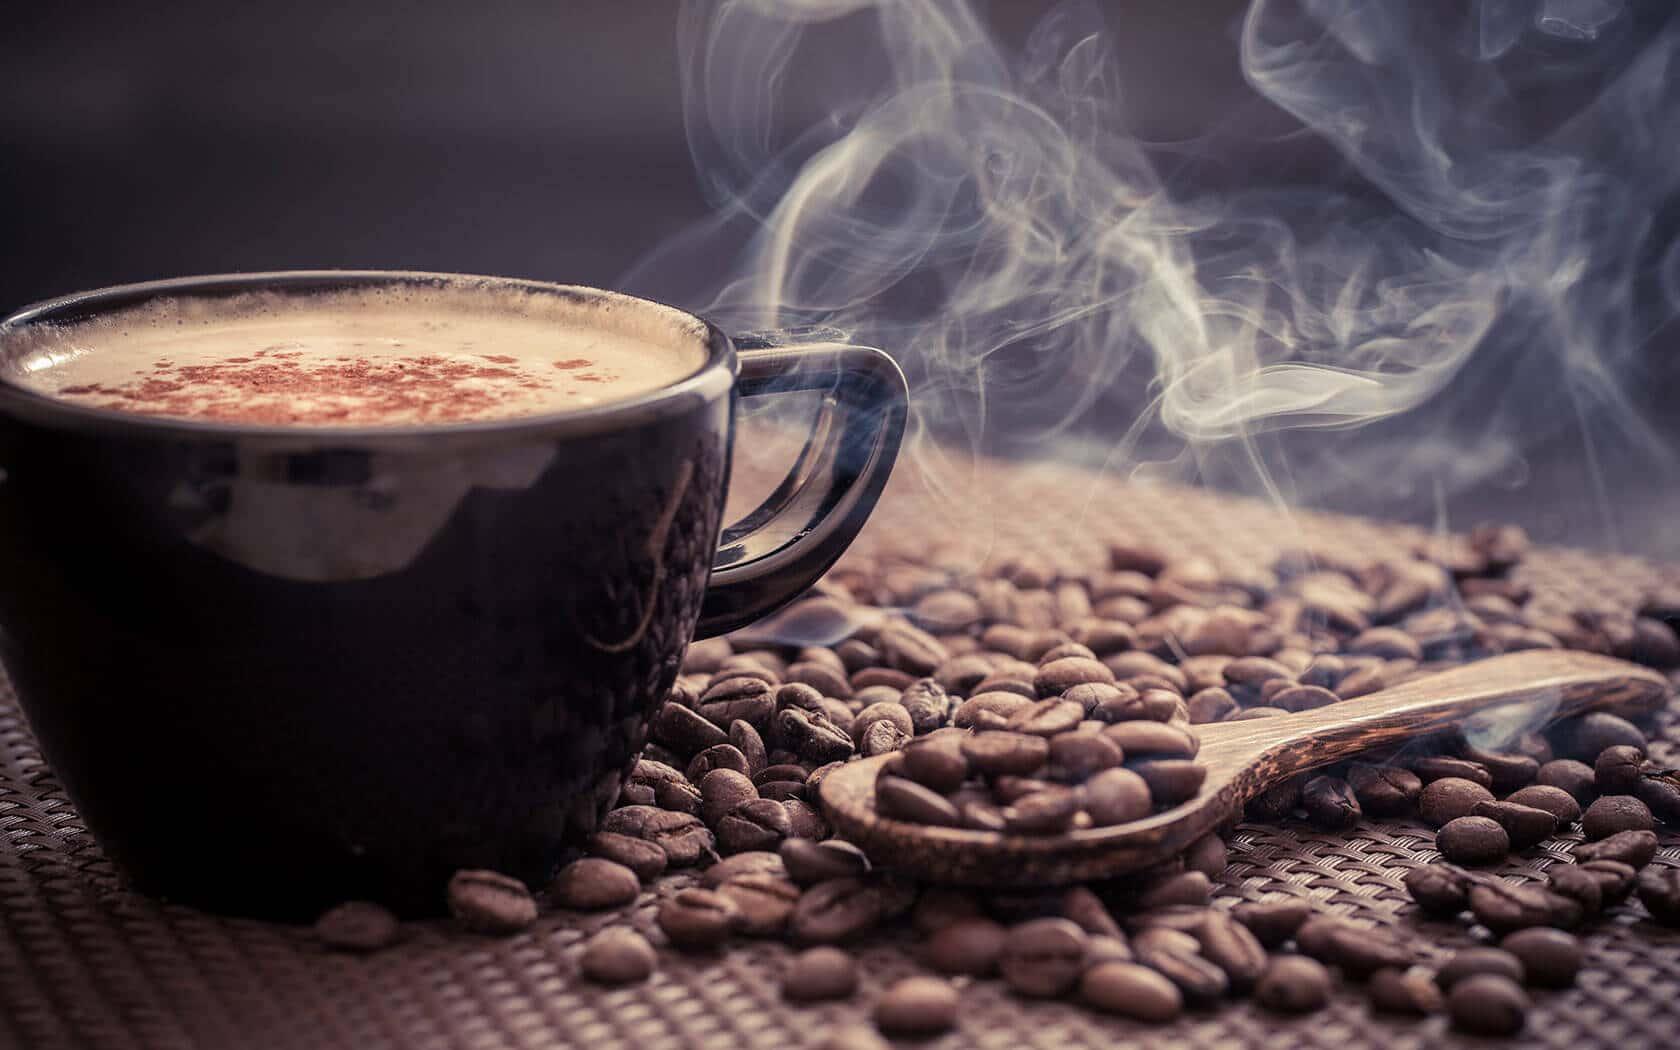 نوشیدن روزانه سه تا چهار فنجان قهوه باعث افزایش طول عمر می شود